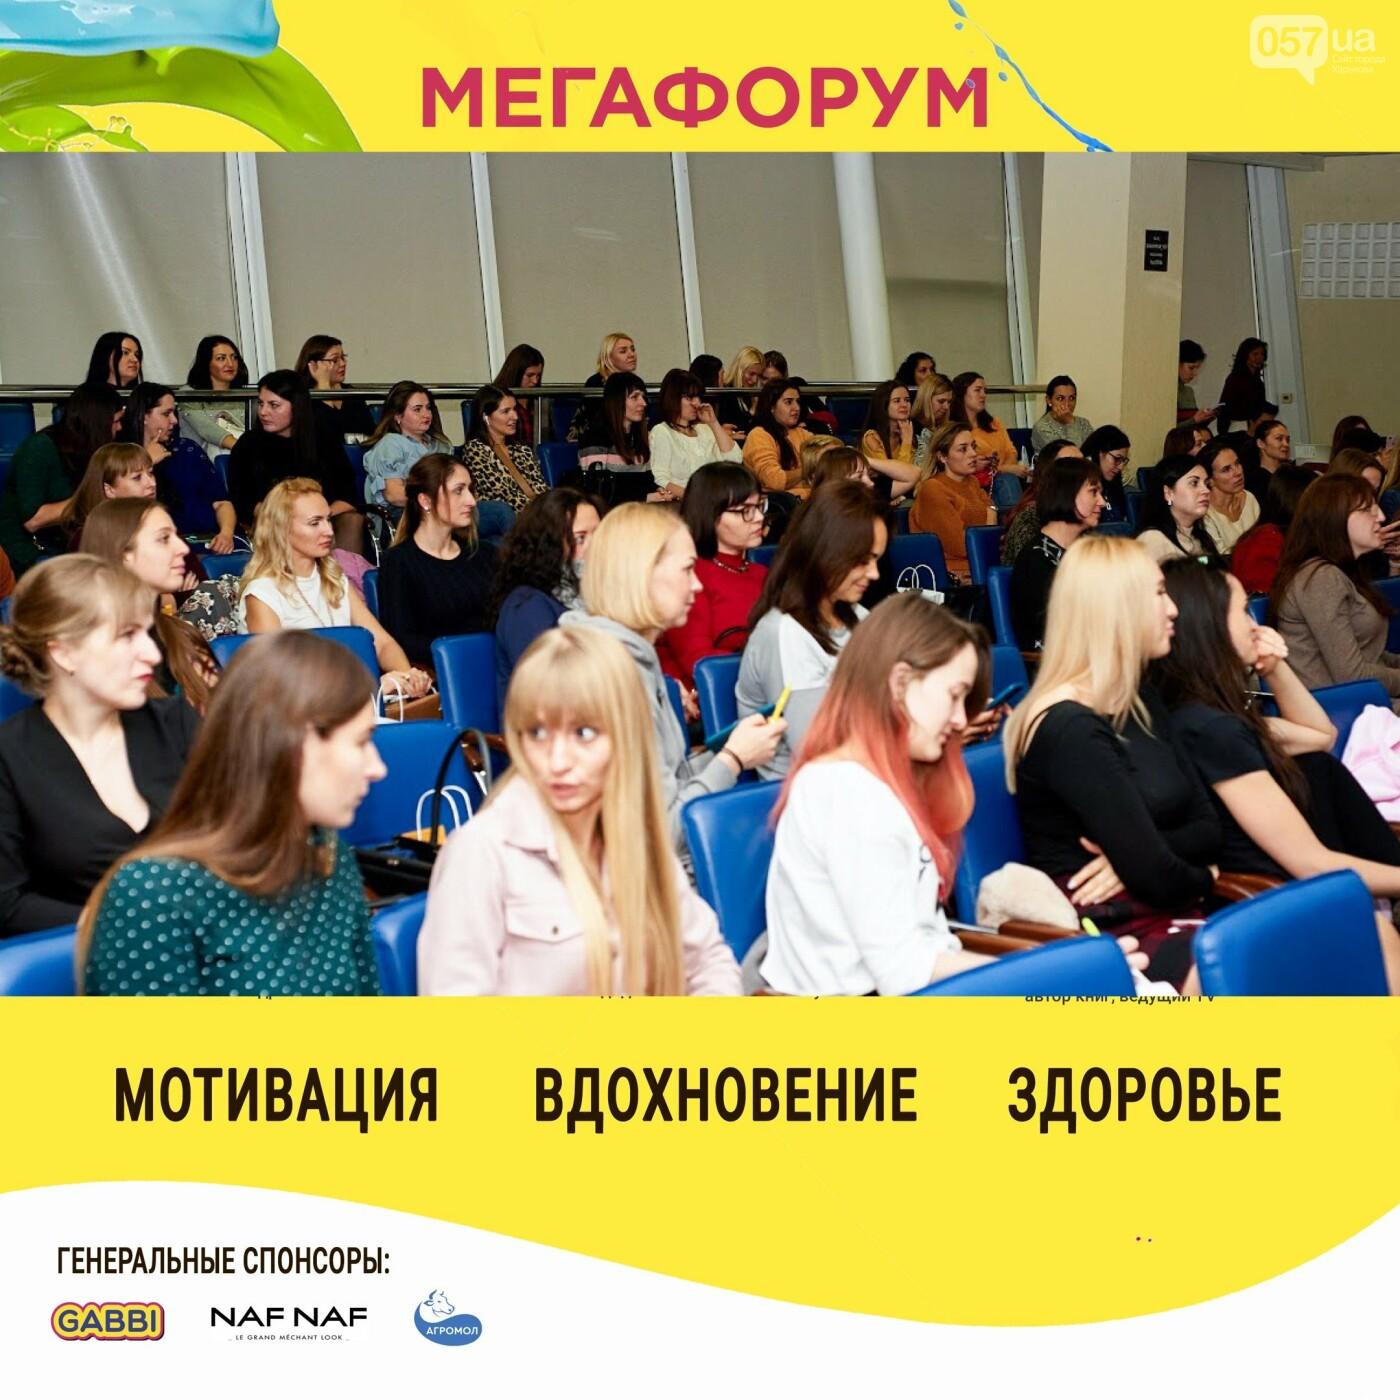 Мегафорум для женщин « Мама в ресурсе, в ресурсе ребёнок» , фото-1